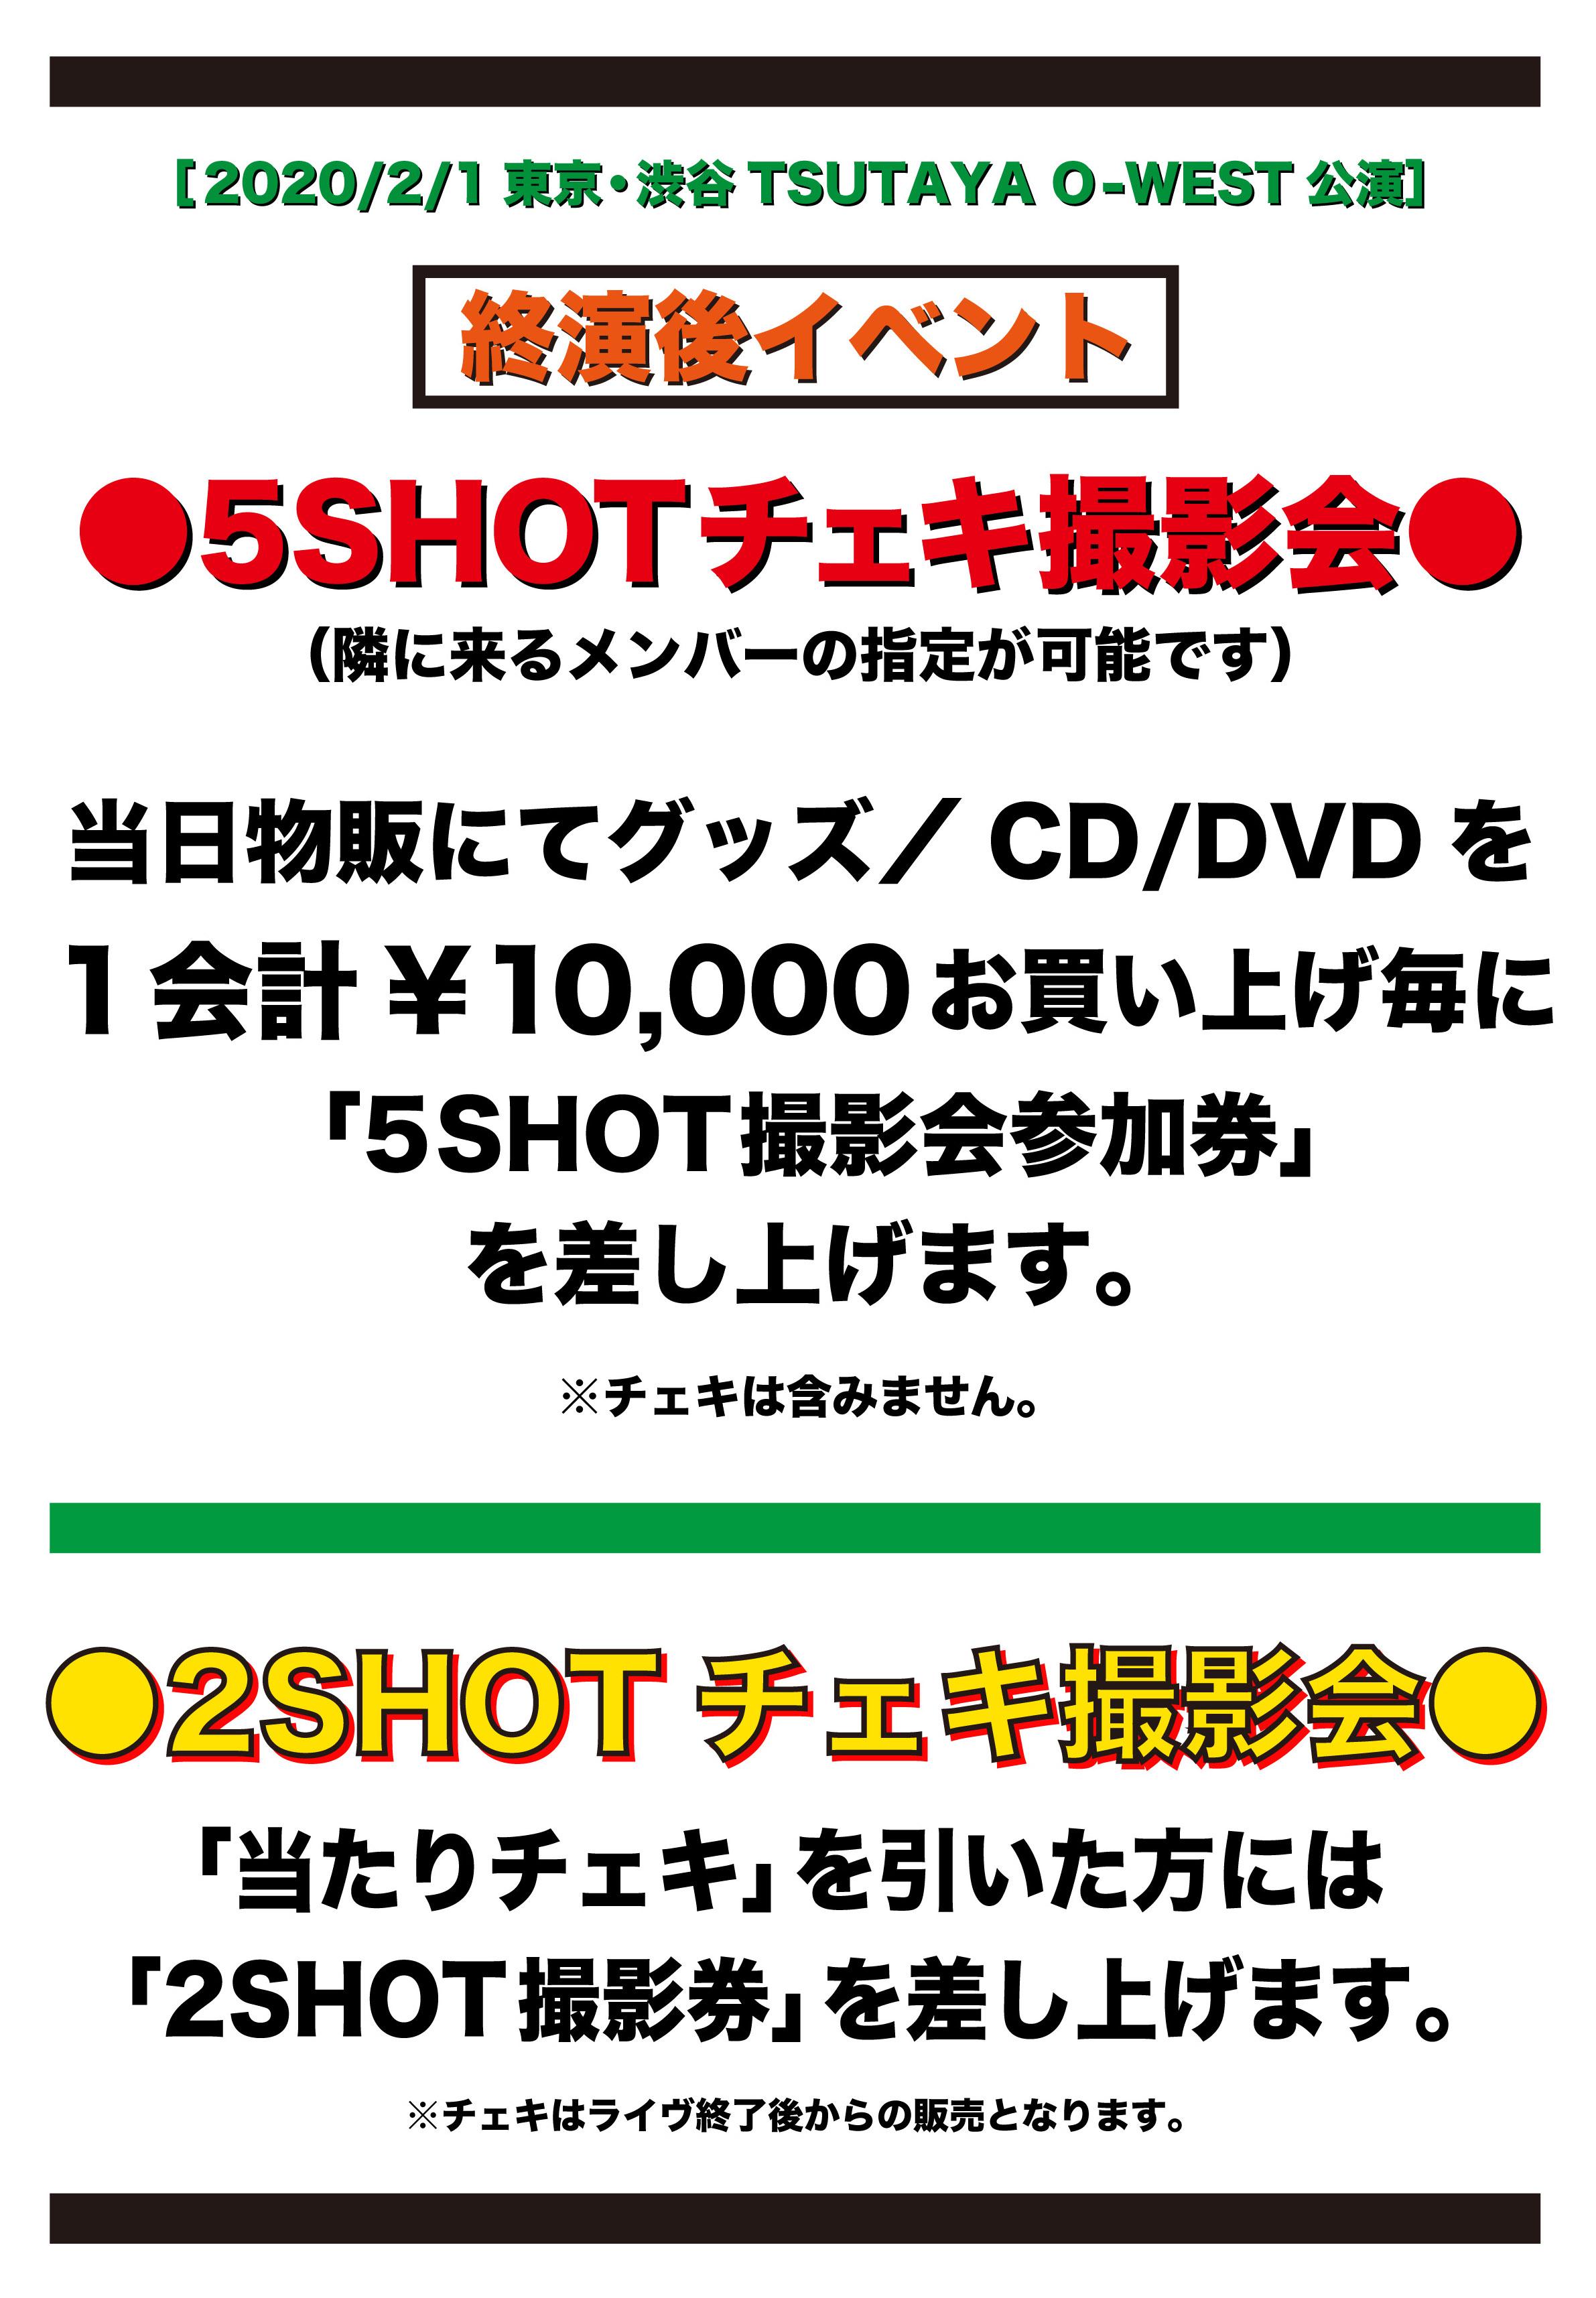 200201_WEST_終演後イベント貼紙